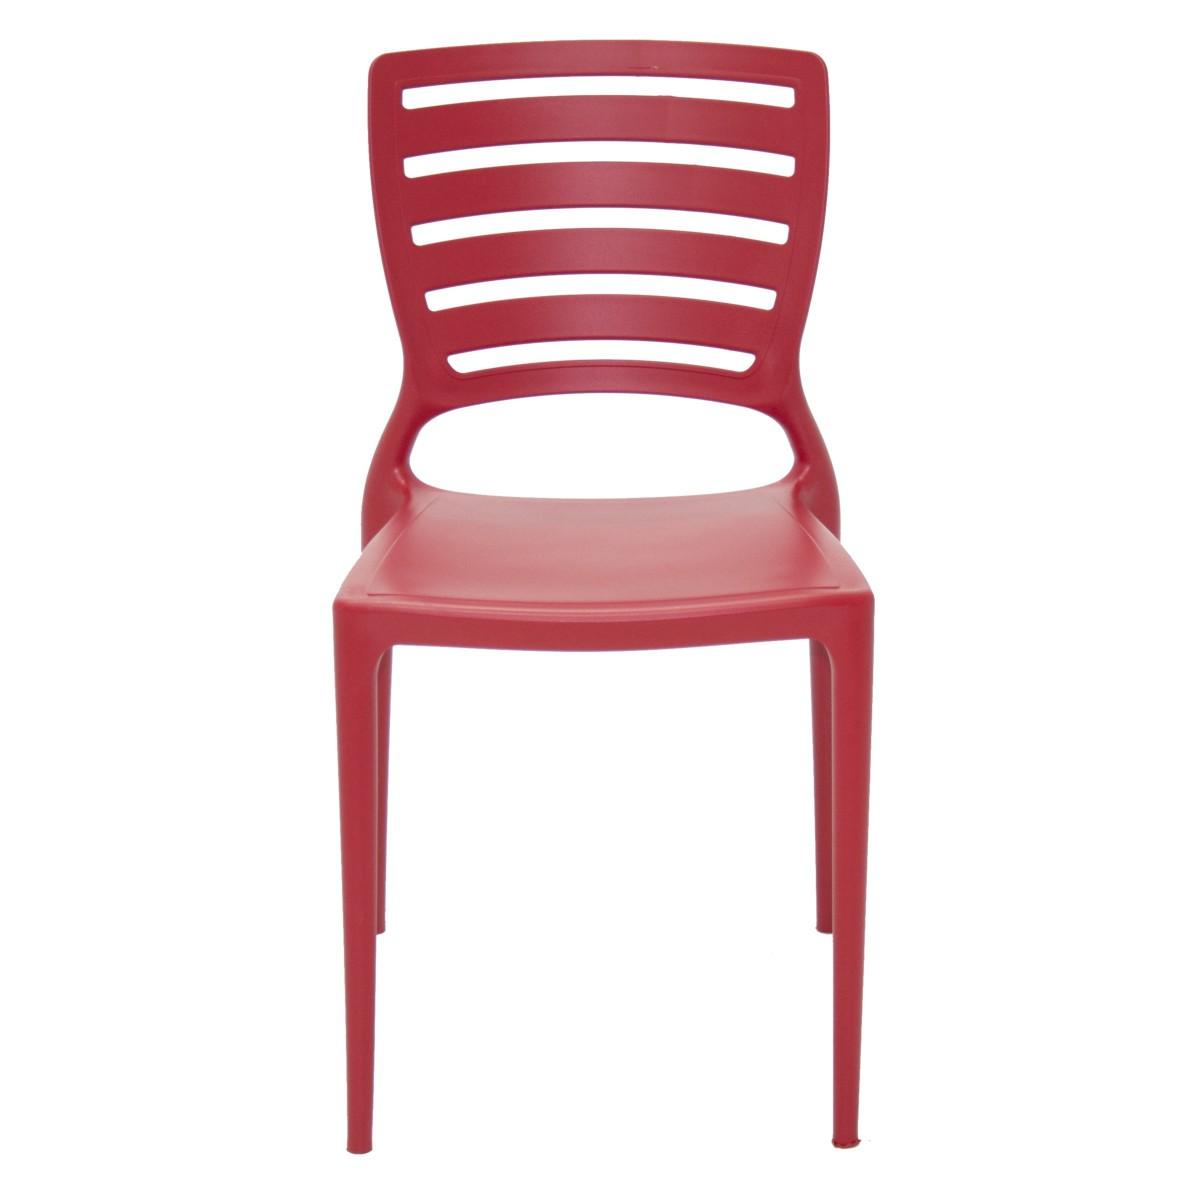 Kit 4 Cadeiras Tramontina Sofia Com Encosto Vazado Cores Vermelha